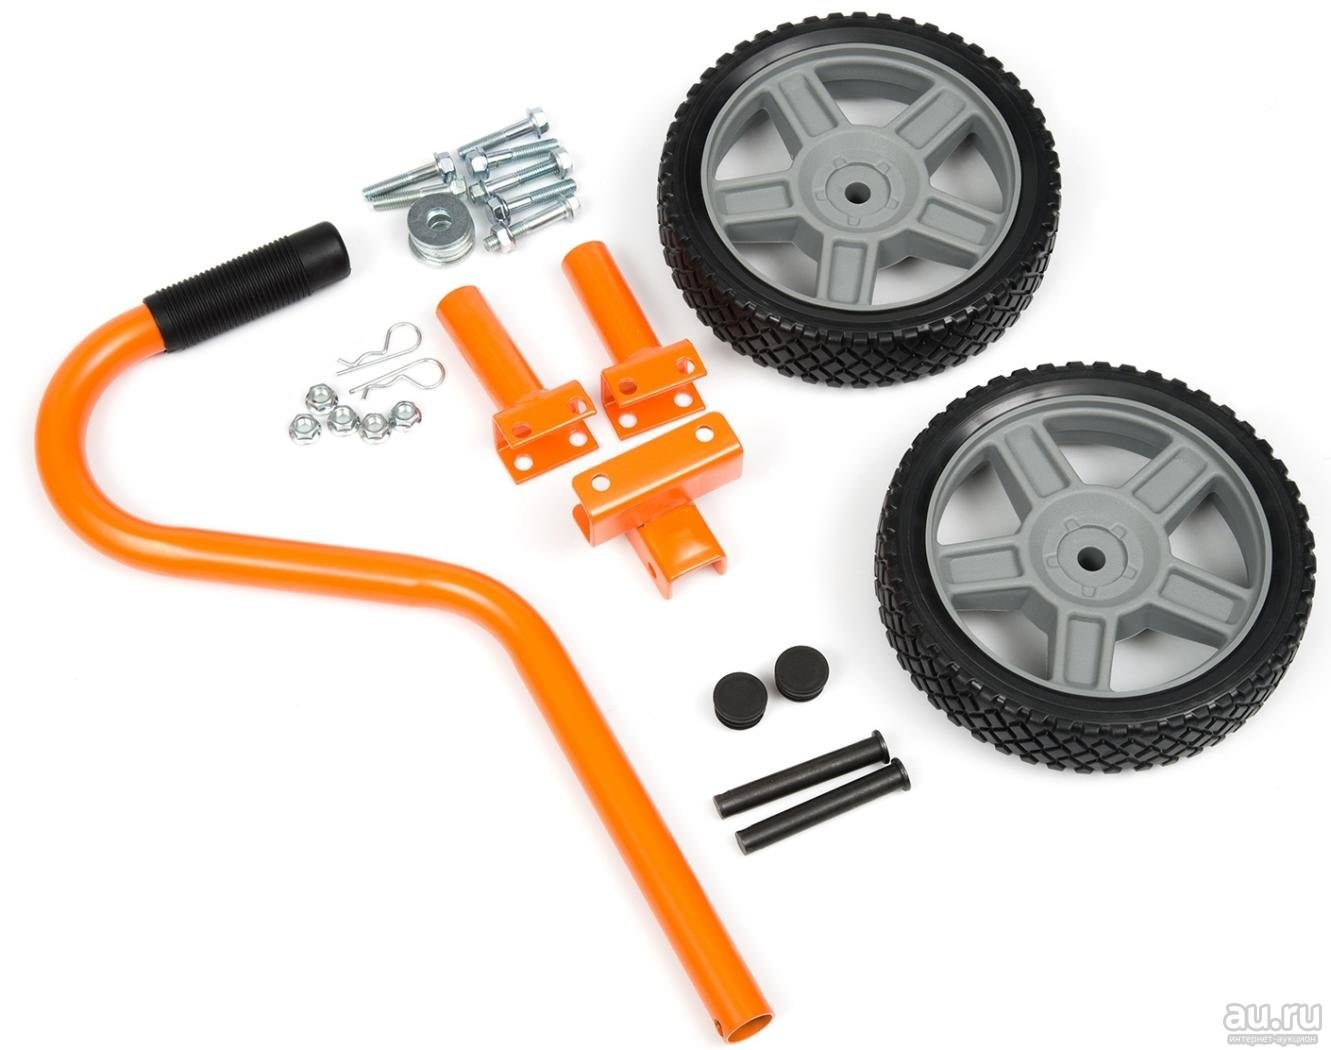 Комплект колес для генераторов ECT 7000 в Ялтае